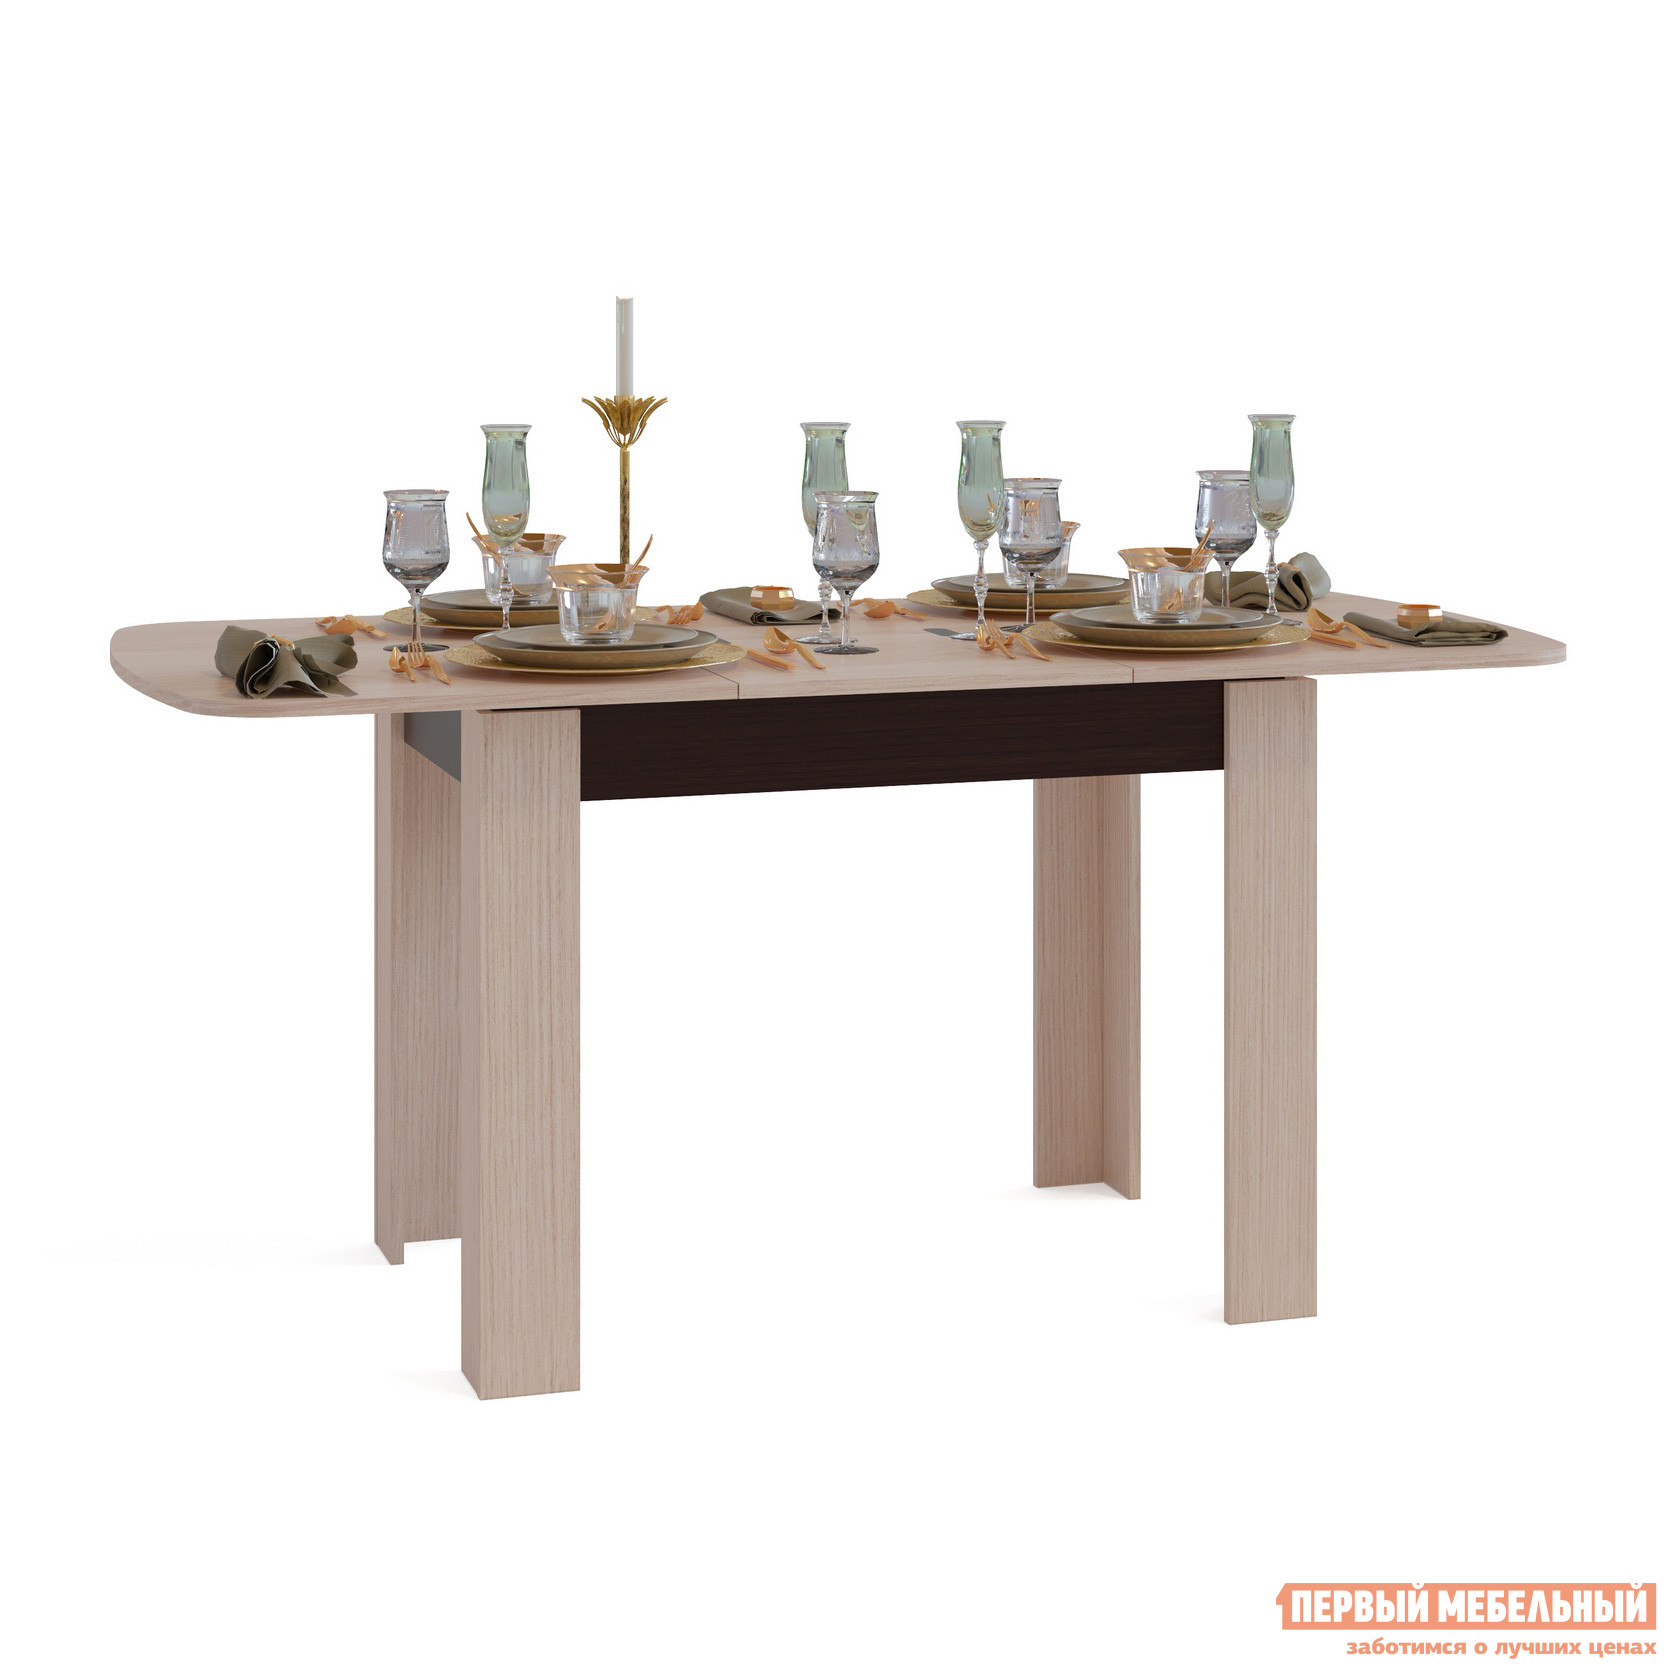 Кухонный стол Сокол СО-3 Подстолье Венге / Столешница, ножки Беленый дубКухонные столы<br>Габаритные размеры ВхШхГ 756x1200 / 1646x800 мм. Большой обеденный стол в стильных контрастных оттенках.  Угловое оформление ножек делает стол устойчивым и надежным в использовании, а закругленные края столешницы снижают травмоопасность.  Модель современна и лаконична, она будет гармоничным дополнением практически любого интерьера кухни. Стол оборудован раскладным механизмом «бабочка», который позволяет увеличит размеры столешницы до 1646 мм за счет дополнительной вставки размером 446 мм.  В сложенном состоянии вставка храниться внутри стола. Обратите внимание! В разложенном состоянии петли находятся на поверхности столешницы. Изделие изготавливается из ЛДСП толщиной 16 мм. Столешница обработана кромкой ПВХ толщиной 2 мм, остальные детали в кромке ПВХ 0,4 мм. Рекомендуем сохранить инструкцию по сборке (паспорт изделия) до истечения гарантийного срока.<br><br>Цвет: Темное-cветлое дерево<br>Высота мм: 756<br>Ширина мм: 1200 / 1646<br>Глубина мм: 800<br>Кол-во упаковок: 1<br>Форма поставки: В разобранном виде<br>Срок гарантии: 2 года<br>Тип: Раскладные<br>Тип: Трансформер<br>Материал: Дерево<br>Материал: ЛДСП<br>Форма: Овальные<br>Размер: Маленькие